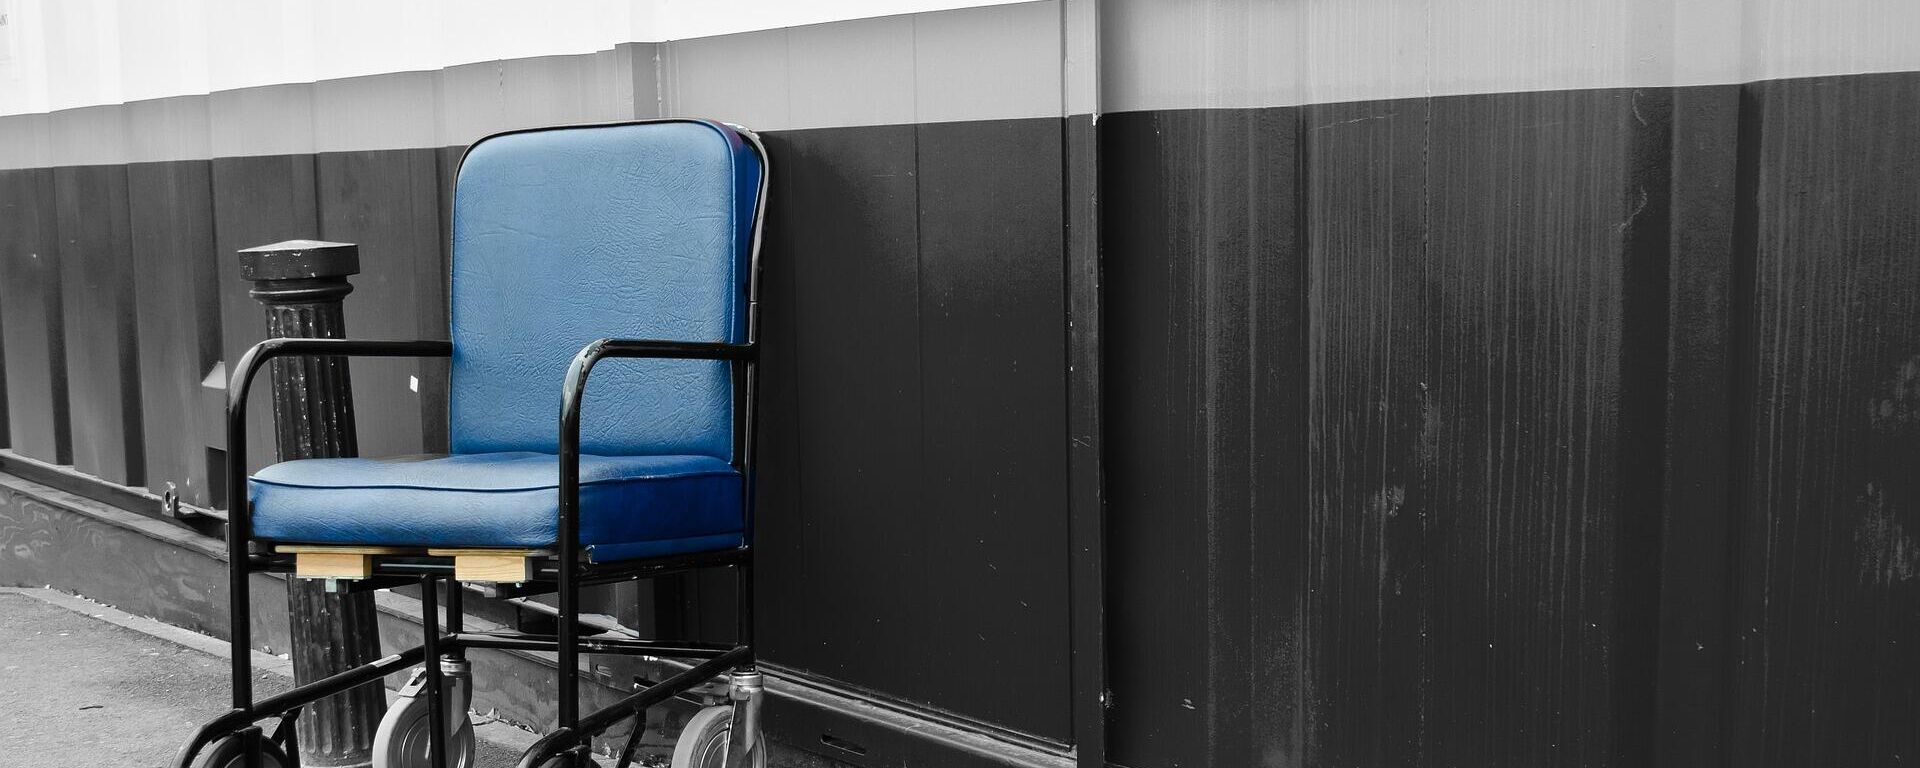 Rollstuhl (Symbolbild) - SNA, 1920, 05.09.2021